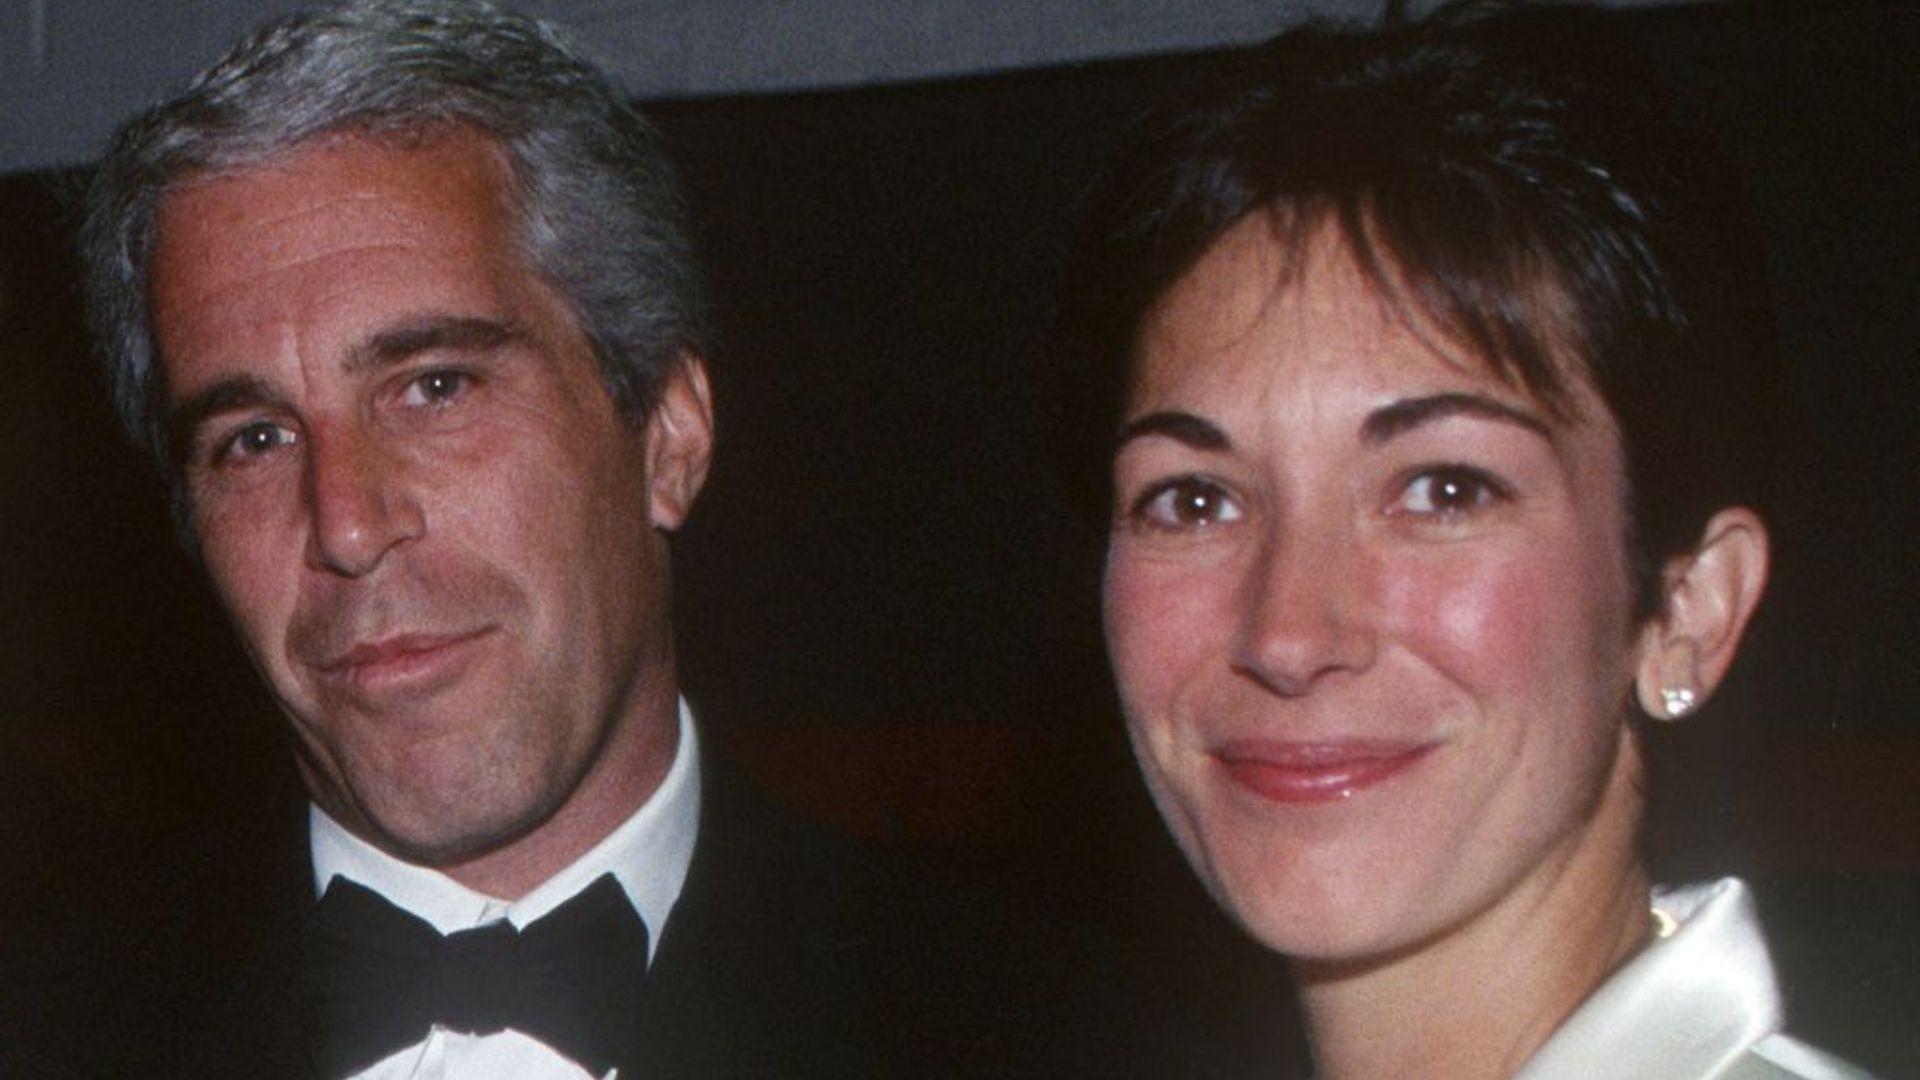 El FBI detuvo a Ghislaine Maxwell, ex pareja de Jeffrey Epstein, por abuso sexual y tráfico de menores